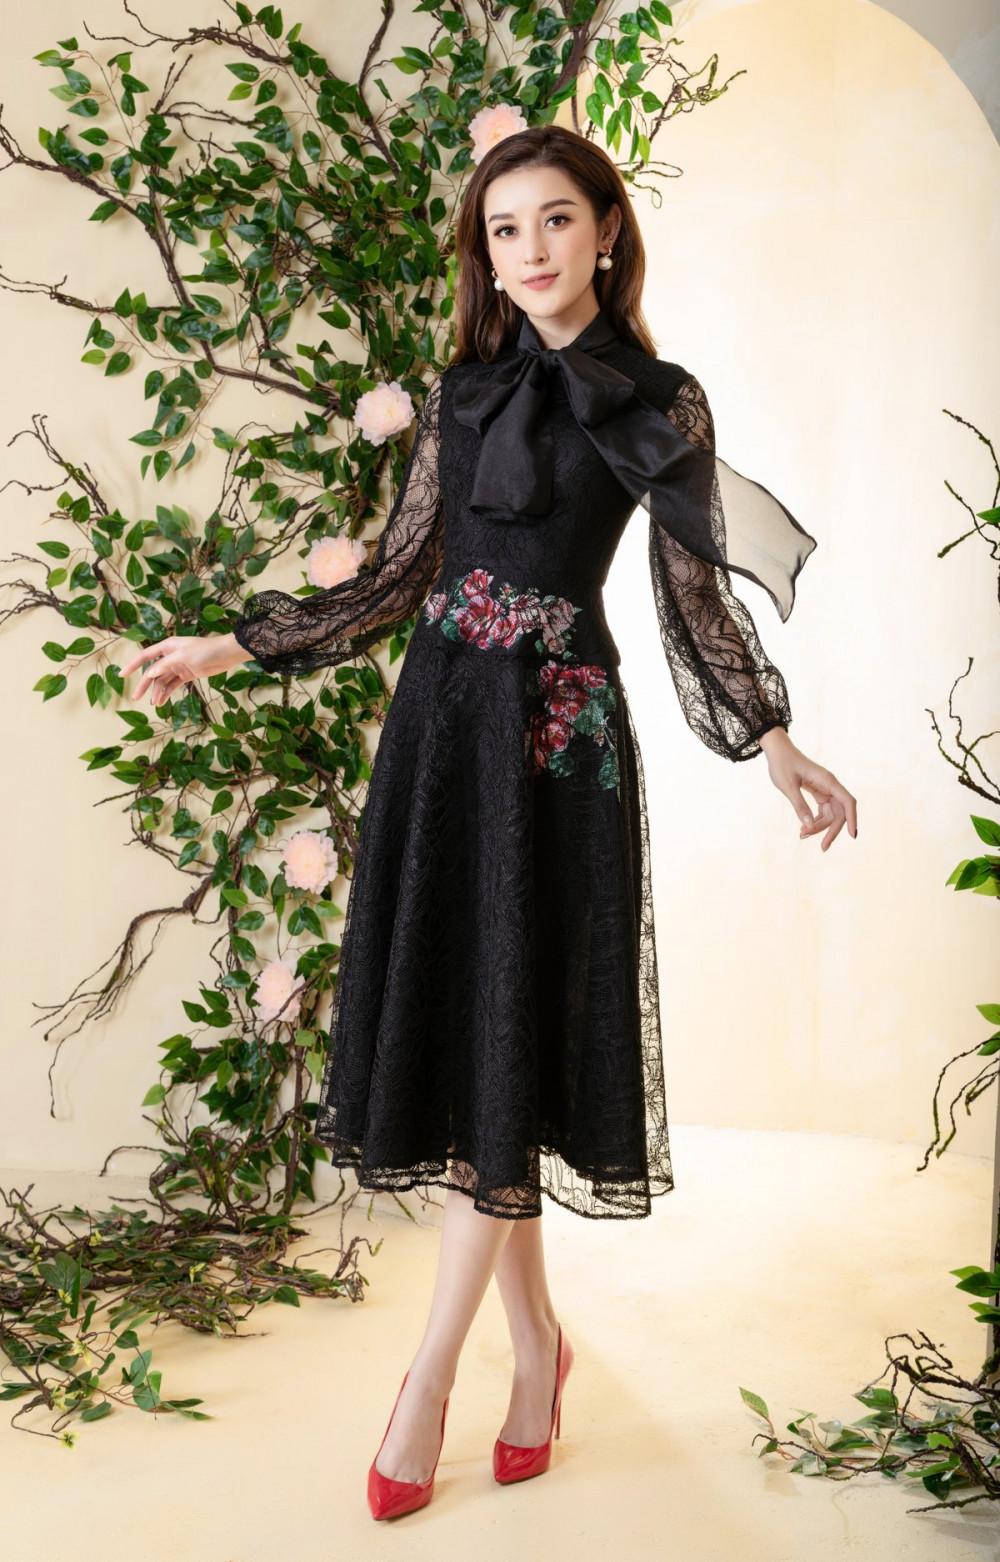 Những mẫu áo đơn giản, rũ bỏ sự rườm rà trong thiết kế càng tôn lên vẻ đẹp tự nhiên, thanh thuần của Huyền My.